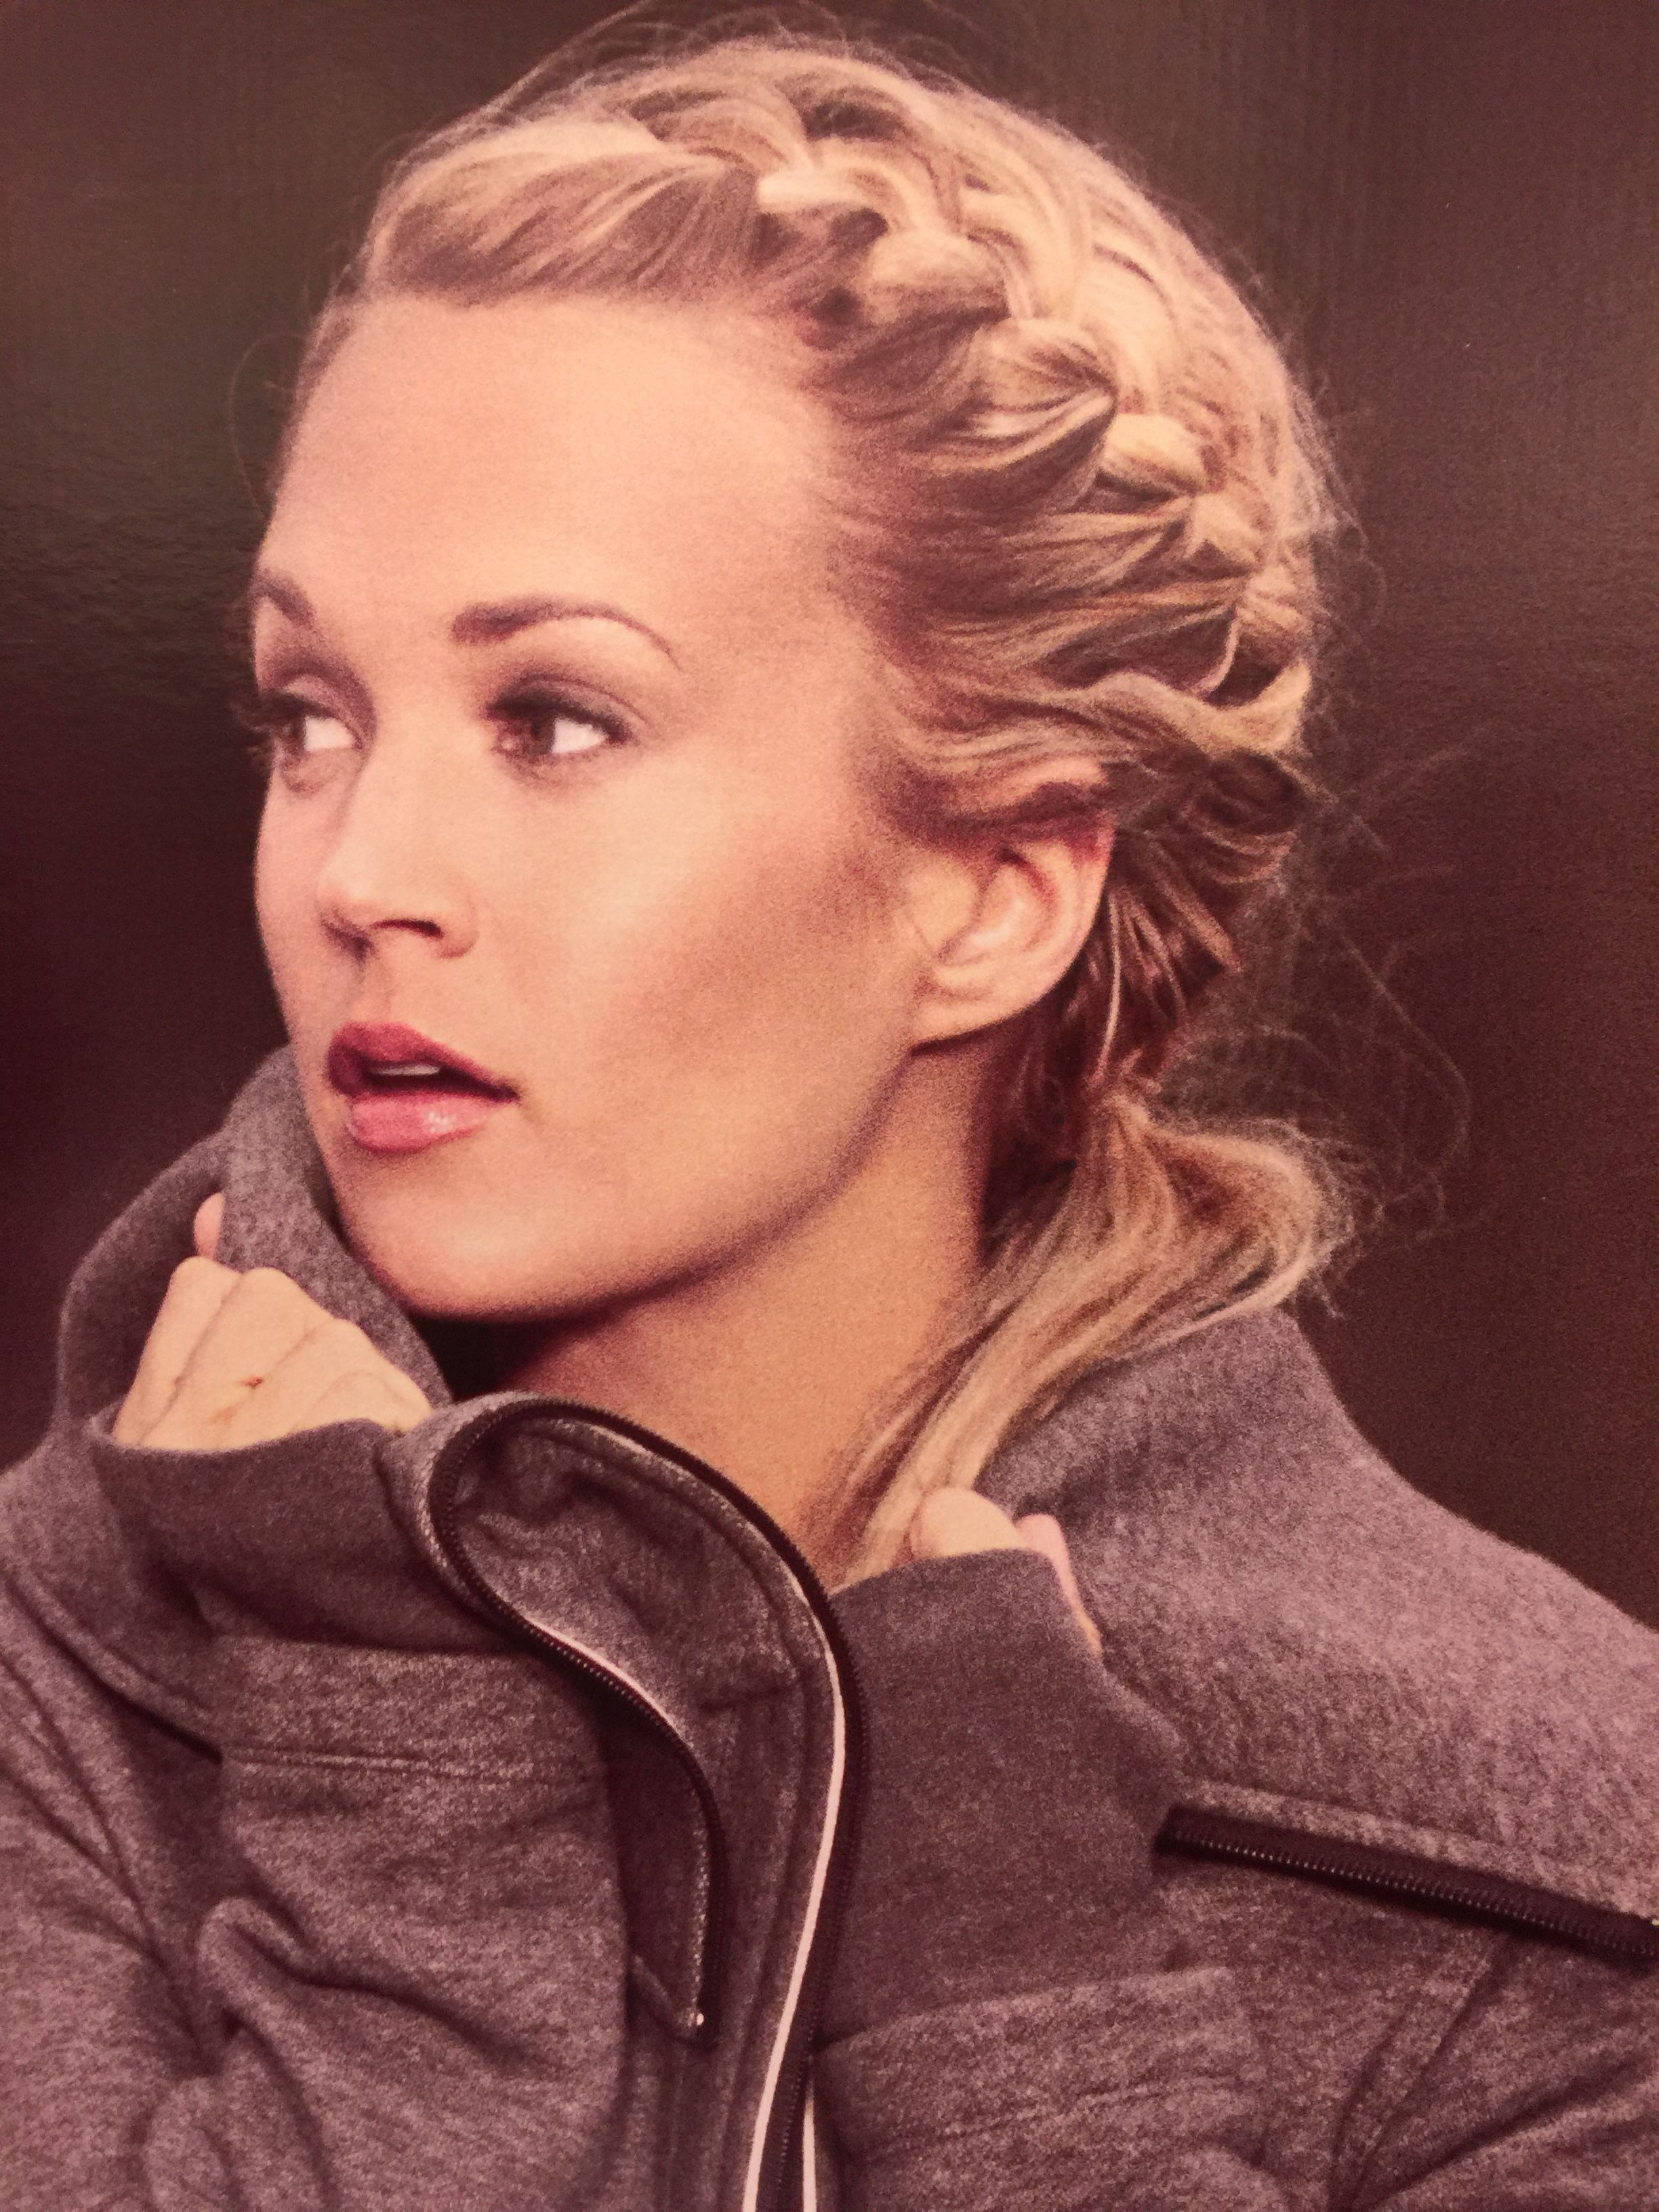 Pretty Hair On Carrie Underwood Tennishair Tennis Hair Pretty Hairstyles My Hair